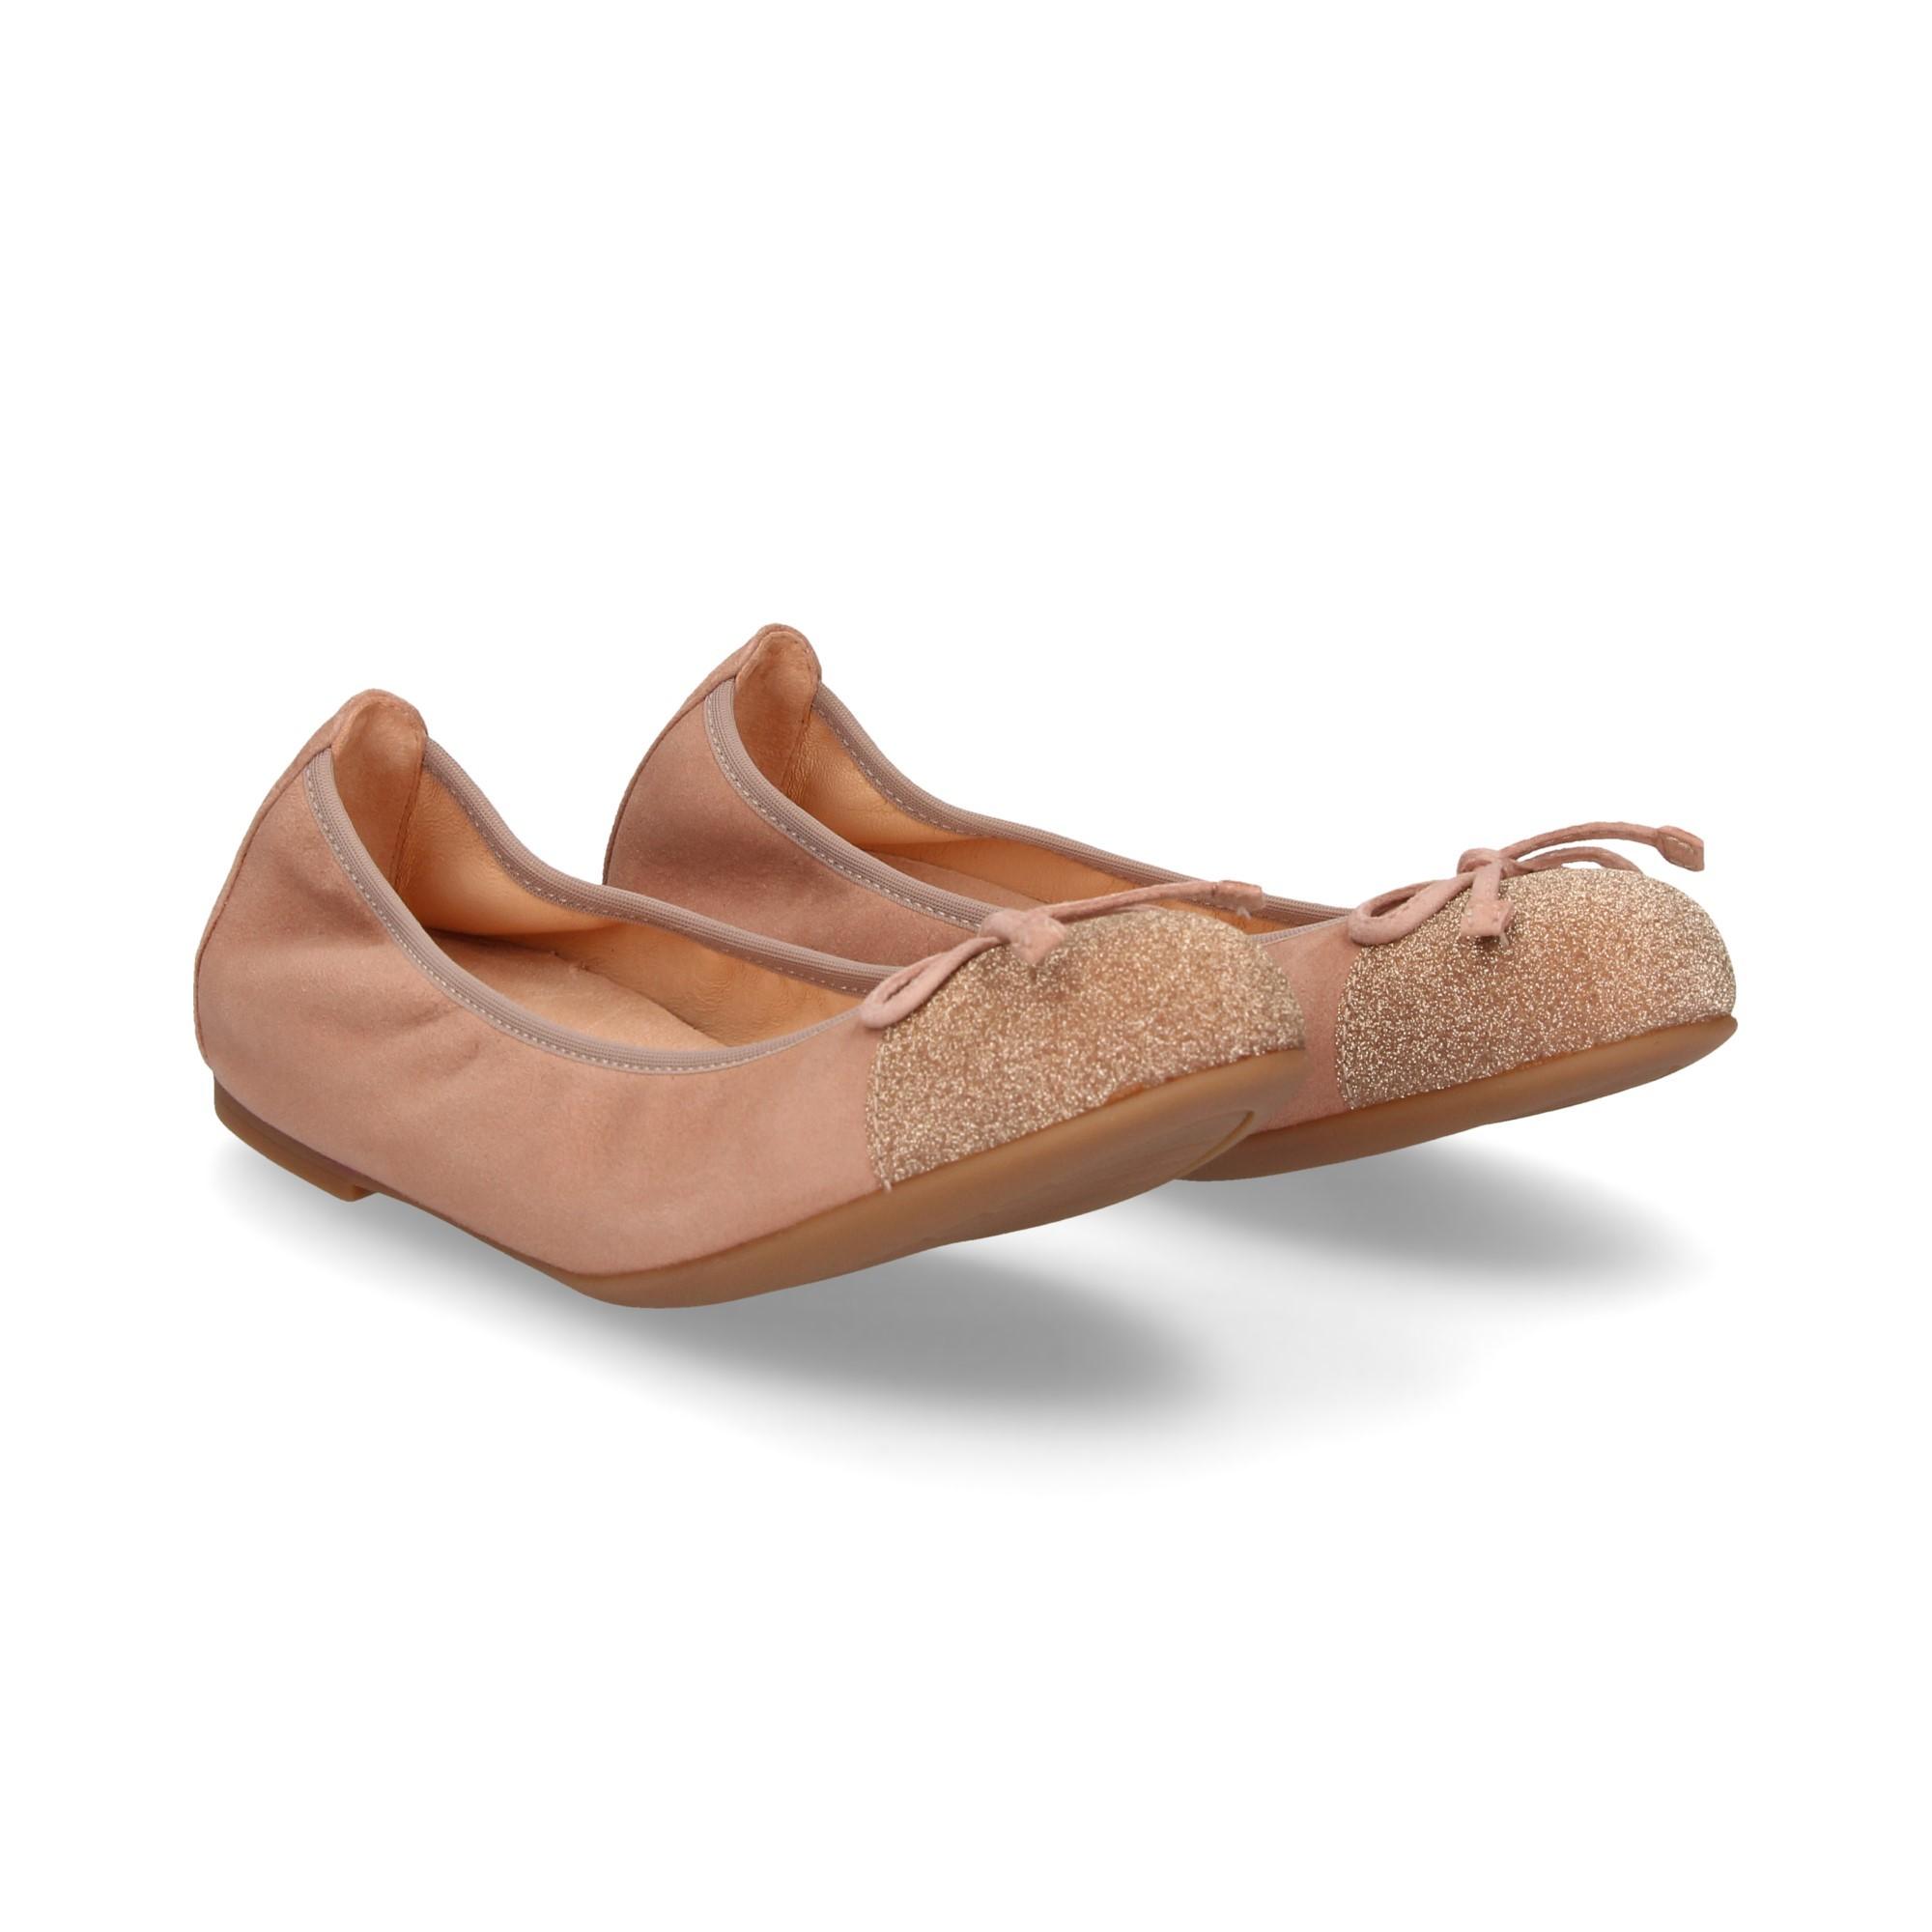 bailarina-lazo-puntera-glitt-metaliz-nud